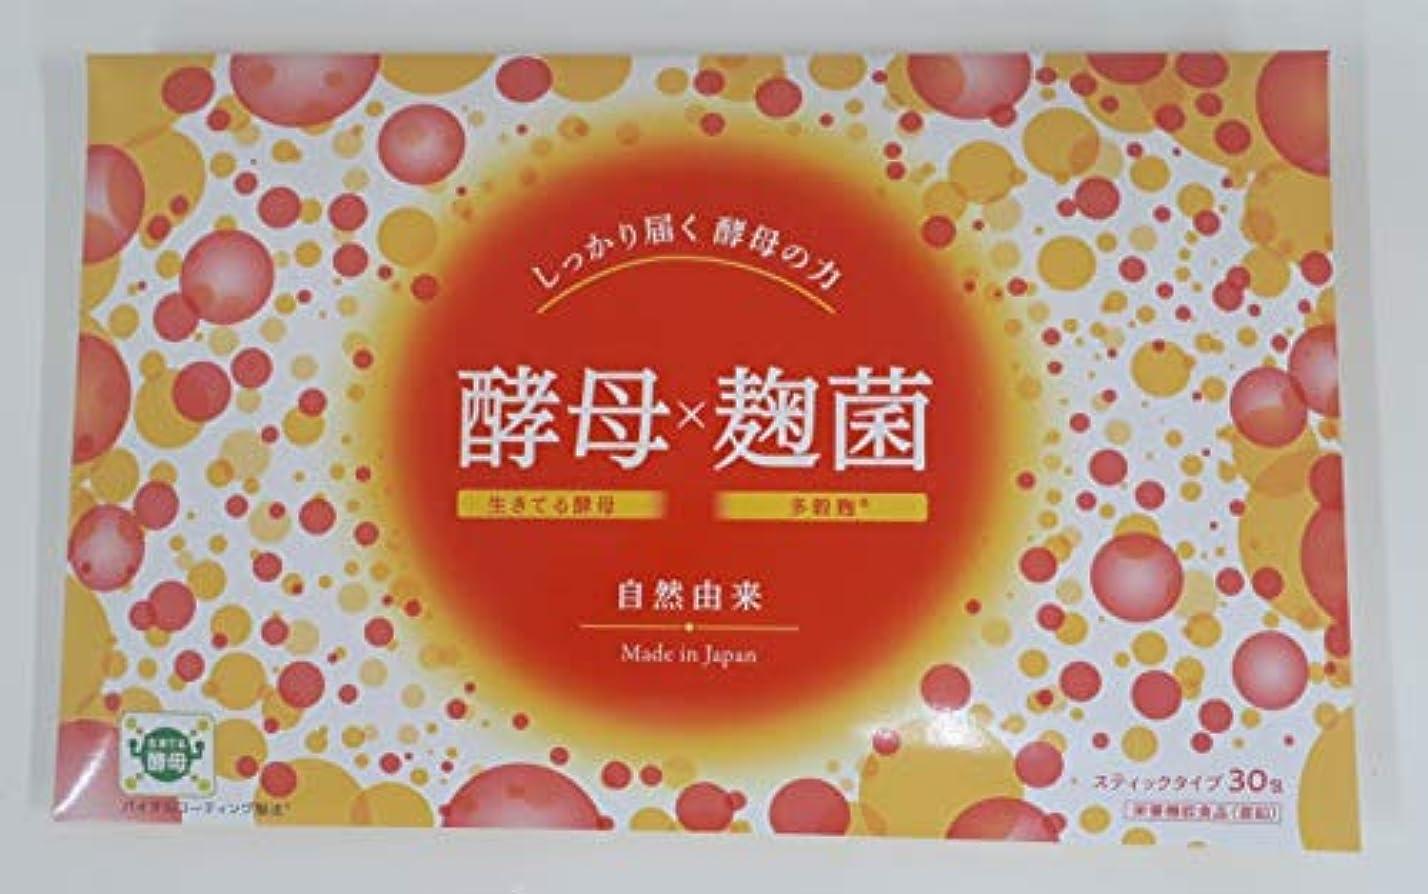 比較カラス豚肉酵母×麹菌